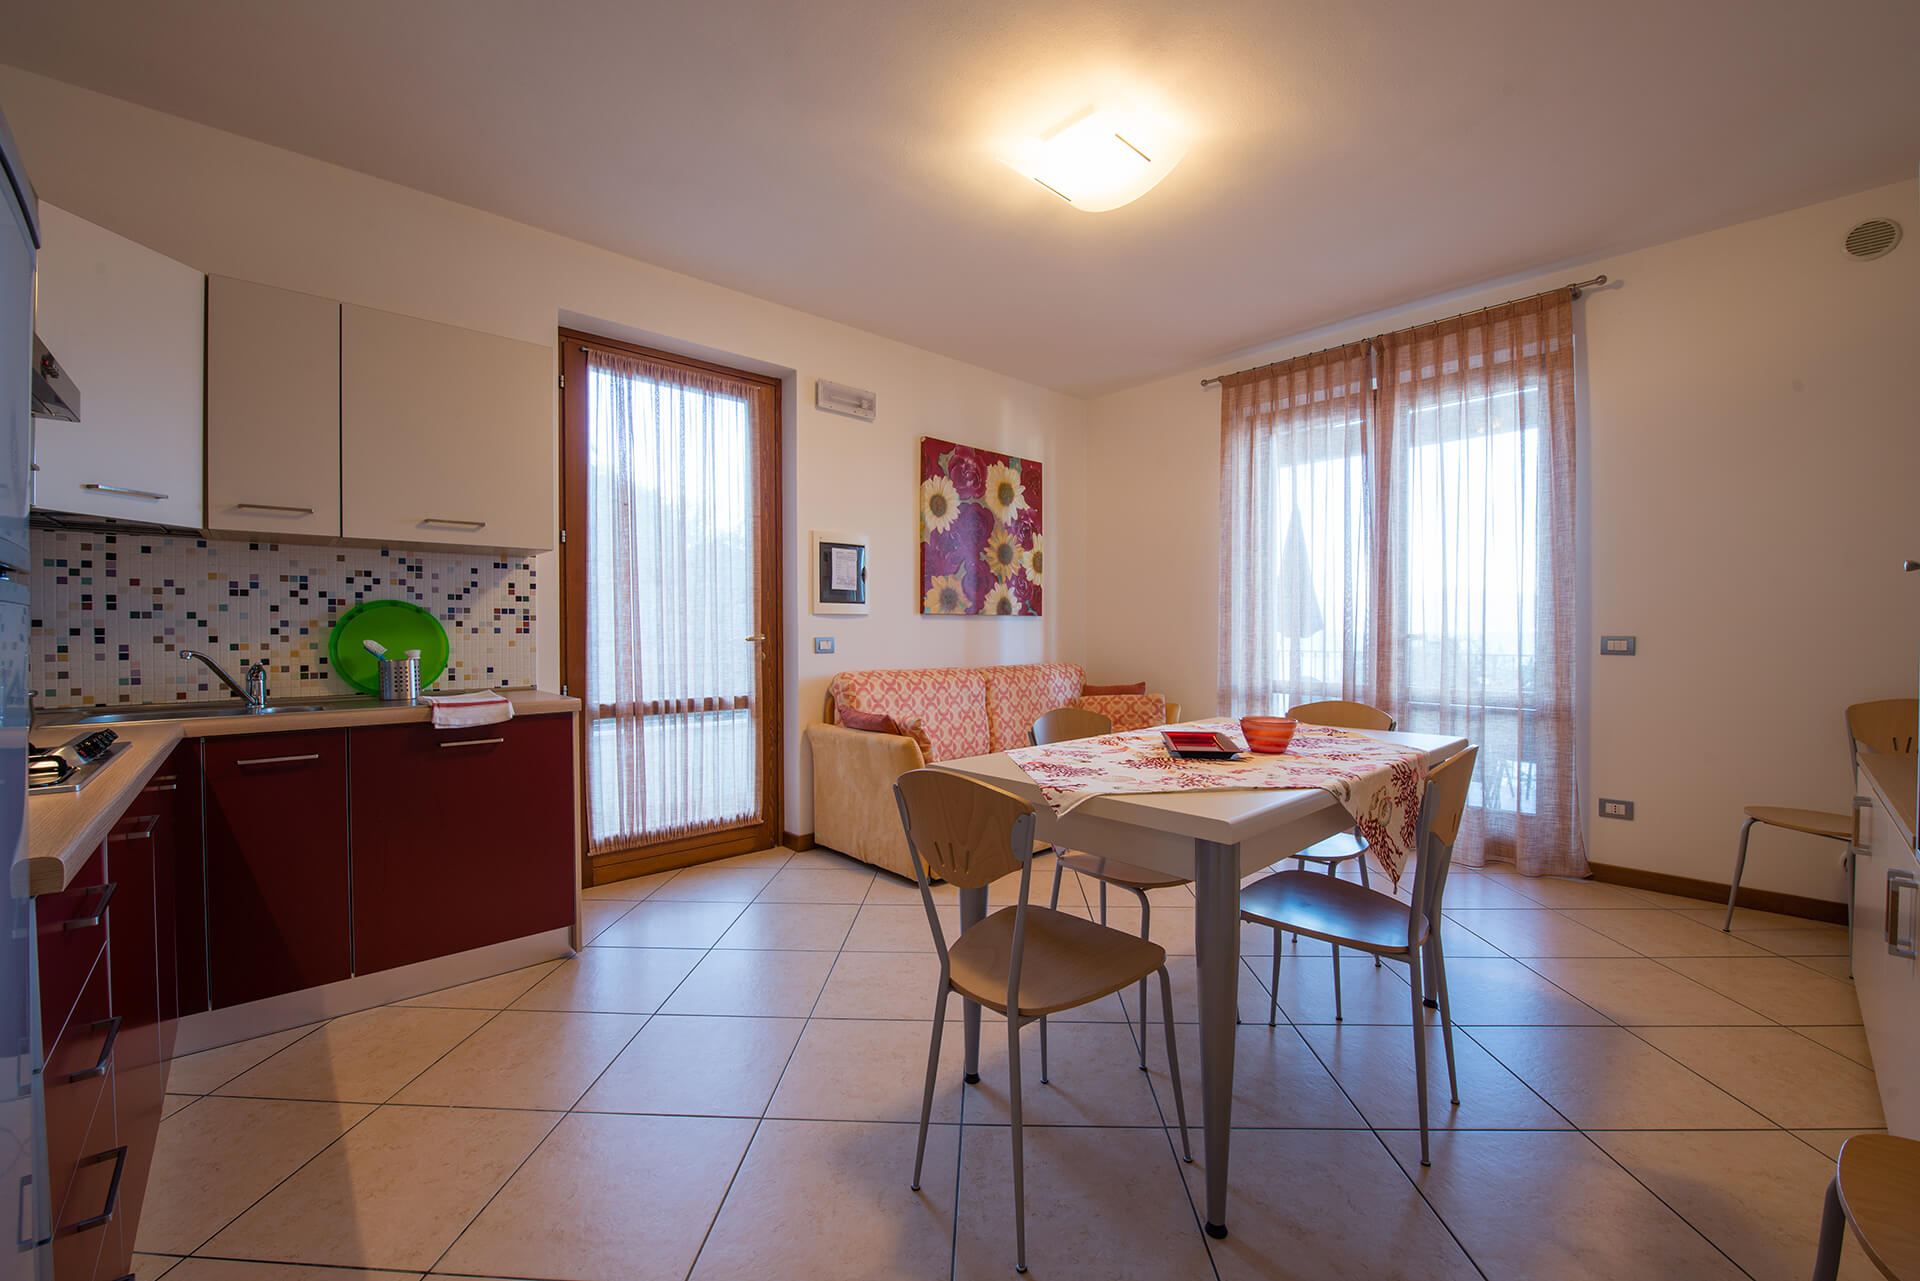 appartamento-c-canevini-sala-5